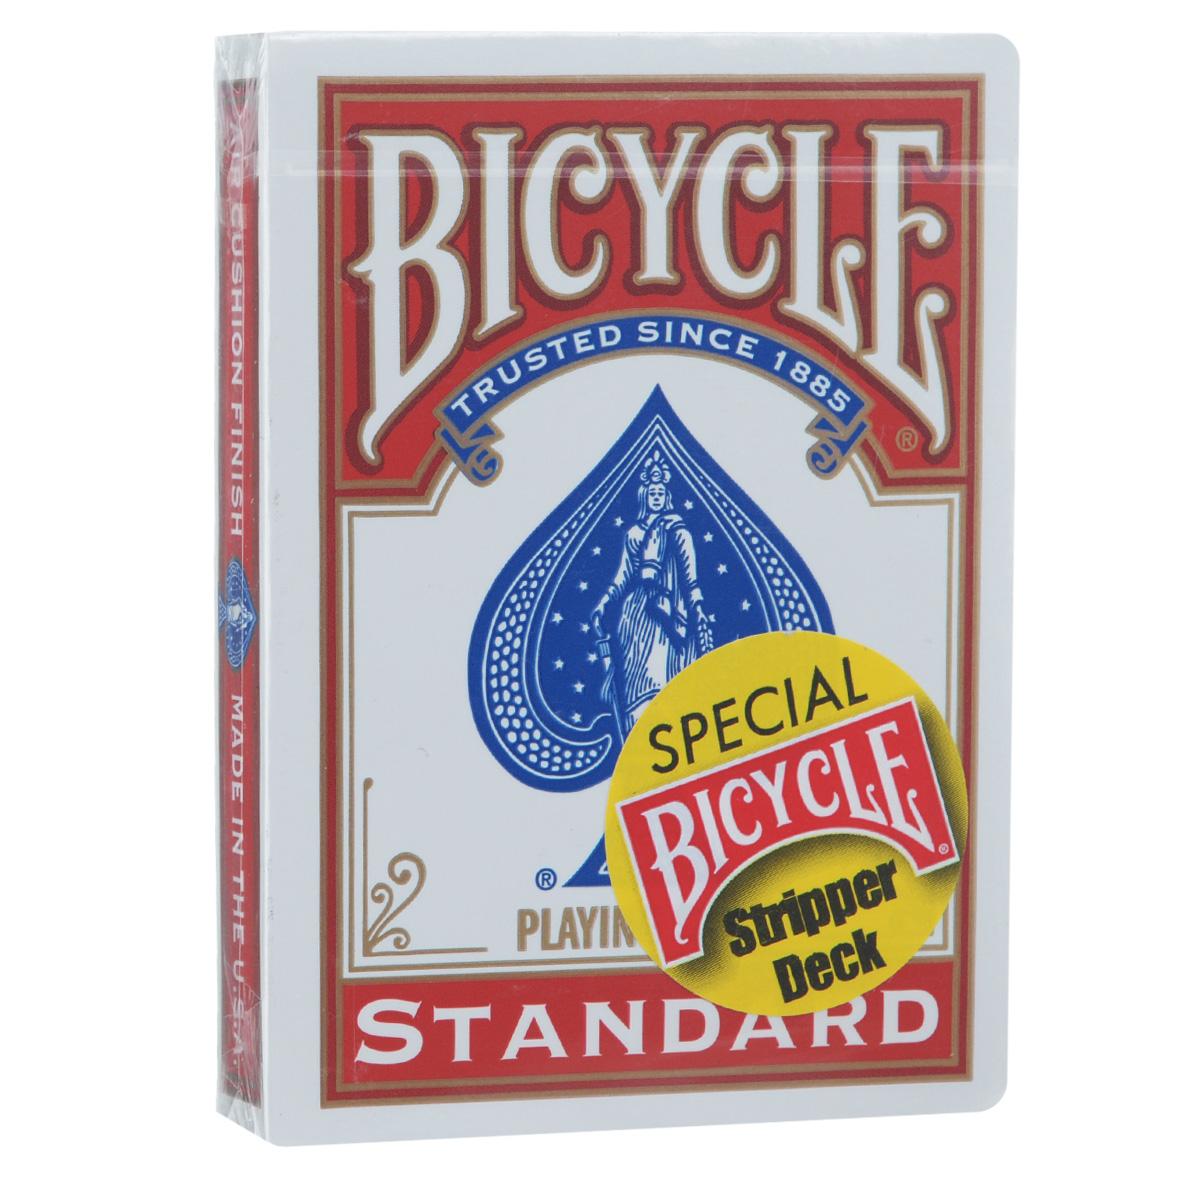 Карты для фокусов Bicycle Stripper Deck, цвет: красный, 54 карты9121